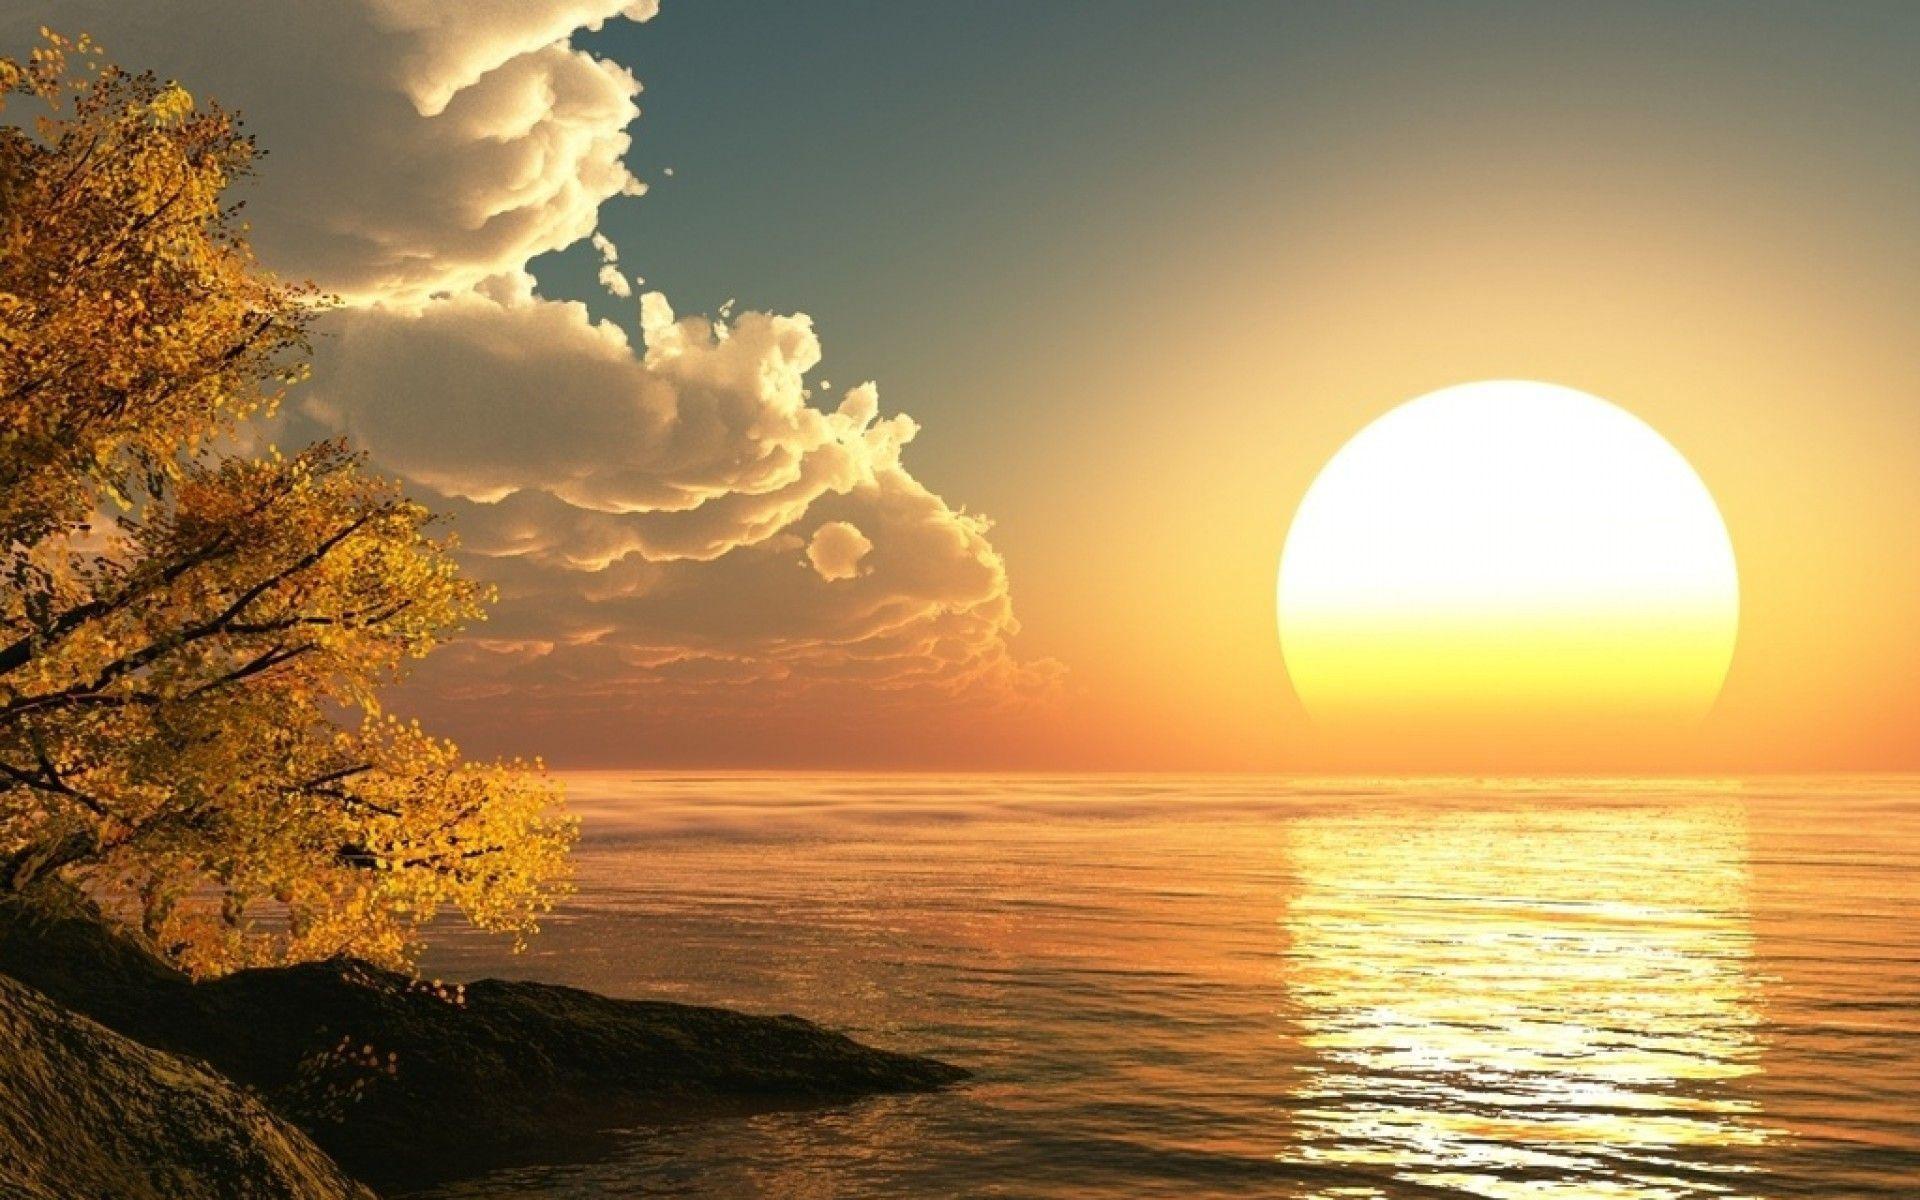 waking up early sunrise